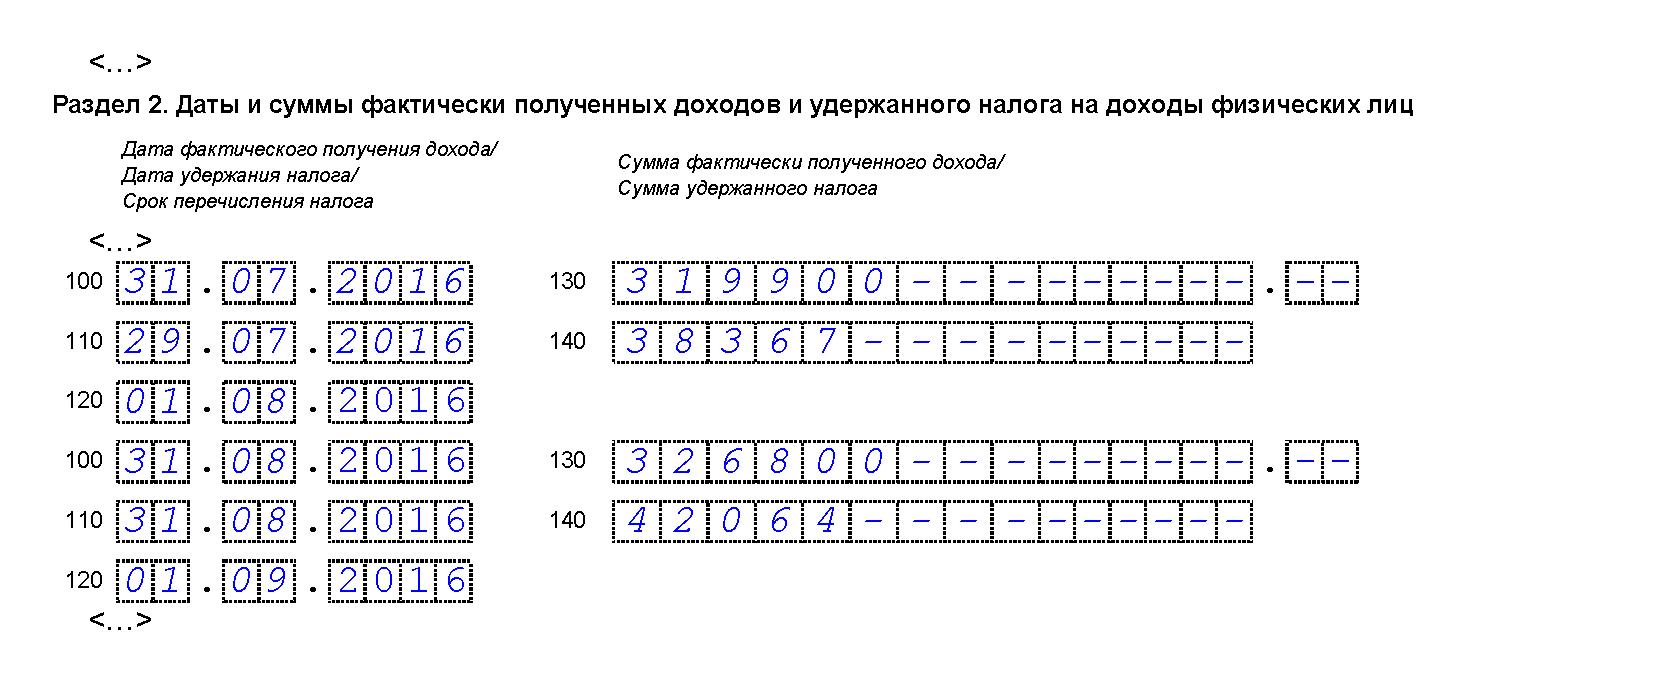 Как заполнить 6-НДФЛ за 3 квартал (9 месяцев), если налог недоплатили